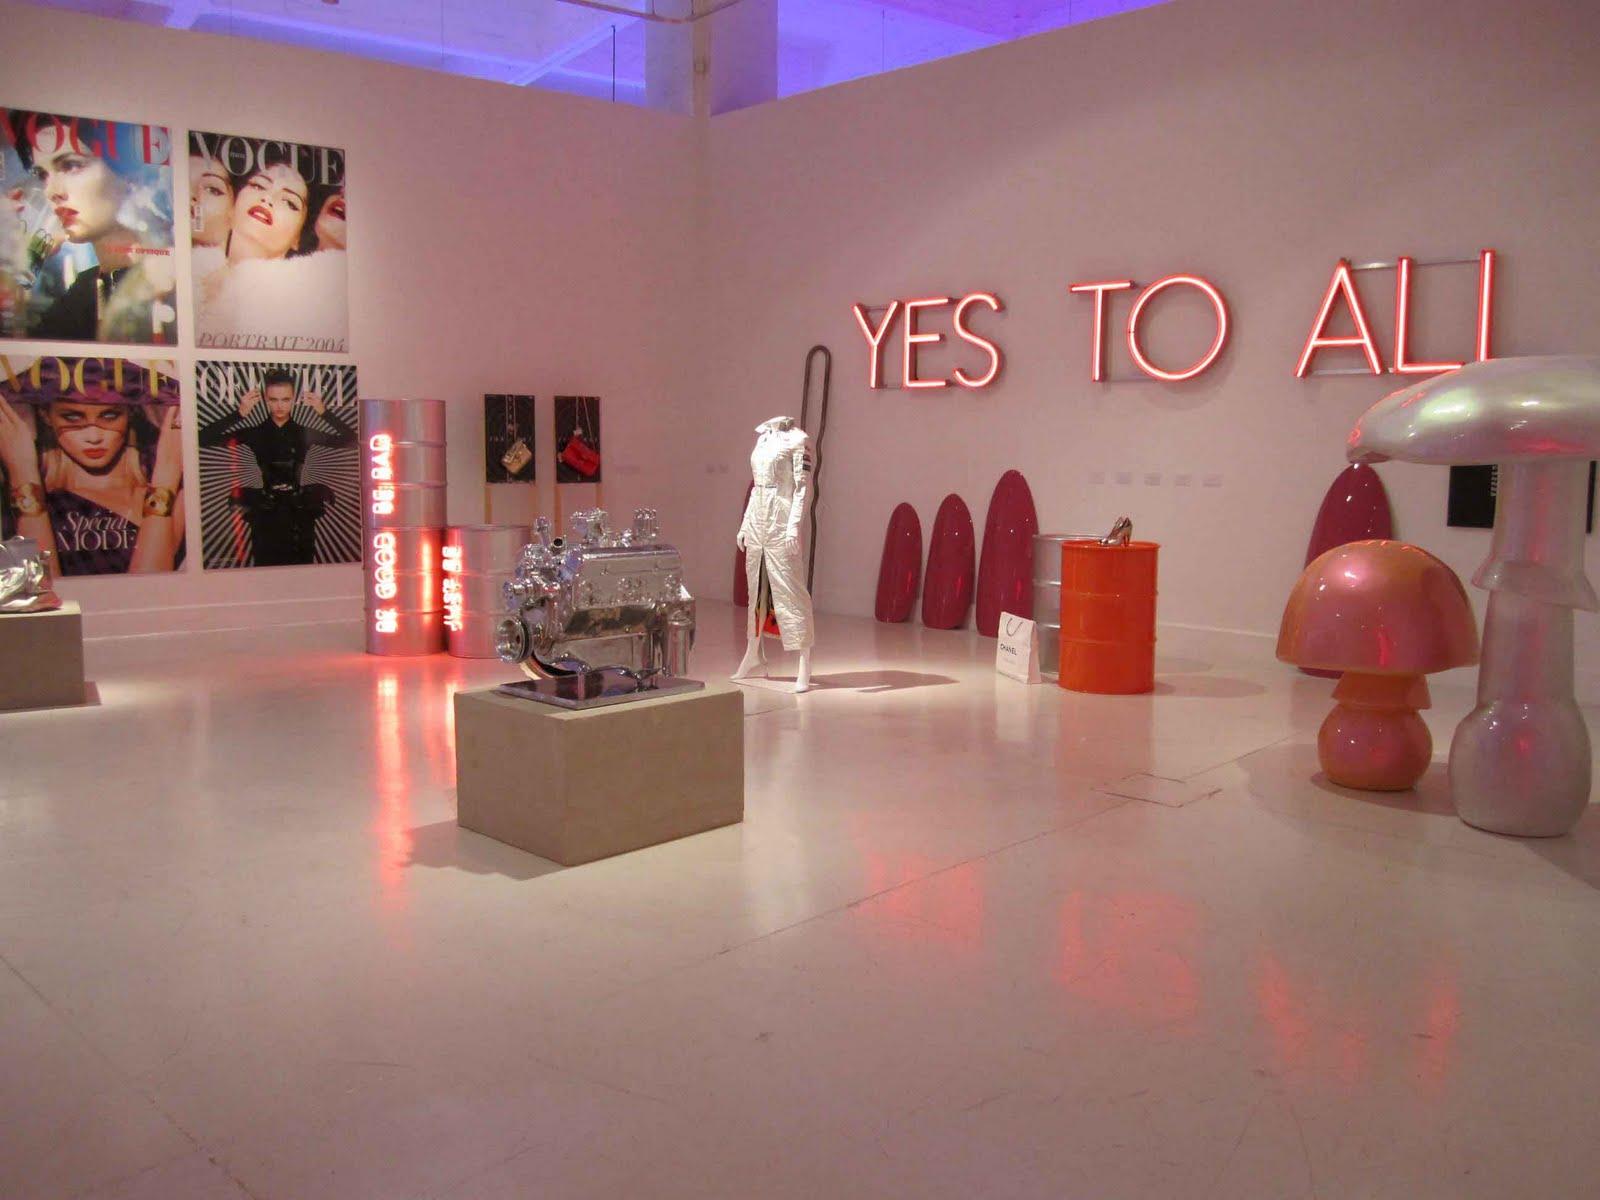 Sylvie Fleury : arte, moda y consumismo | MODADDICTIONSylvie Fleury Yes To All